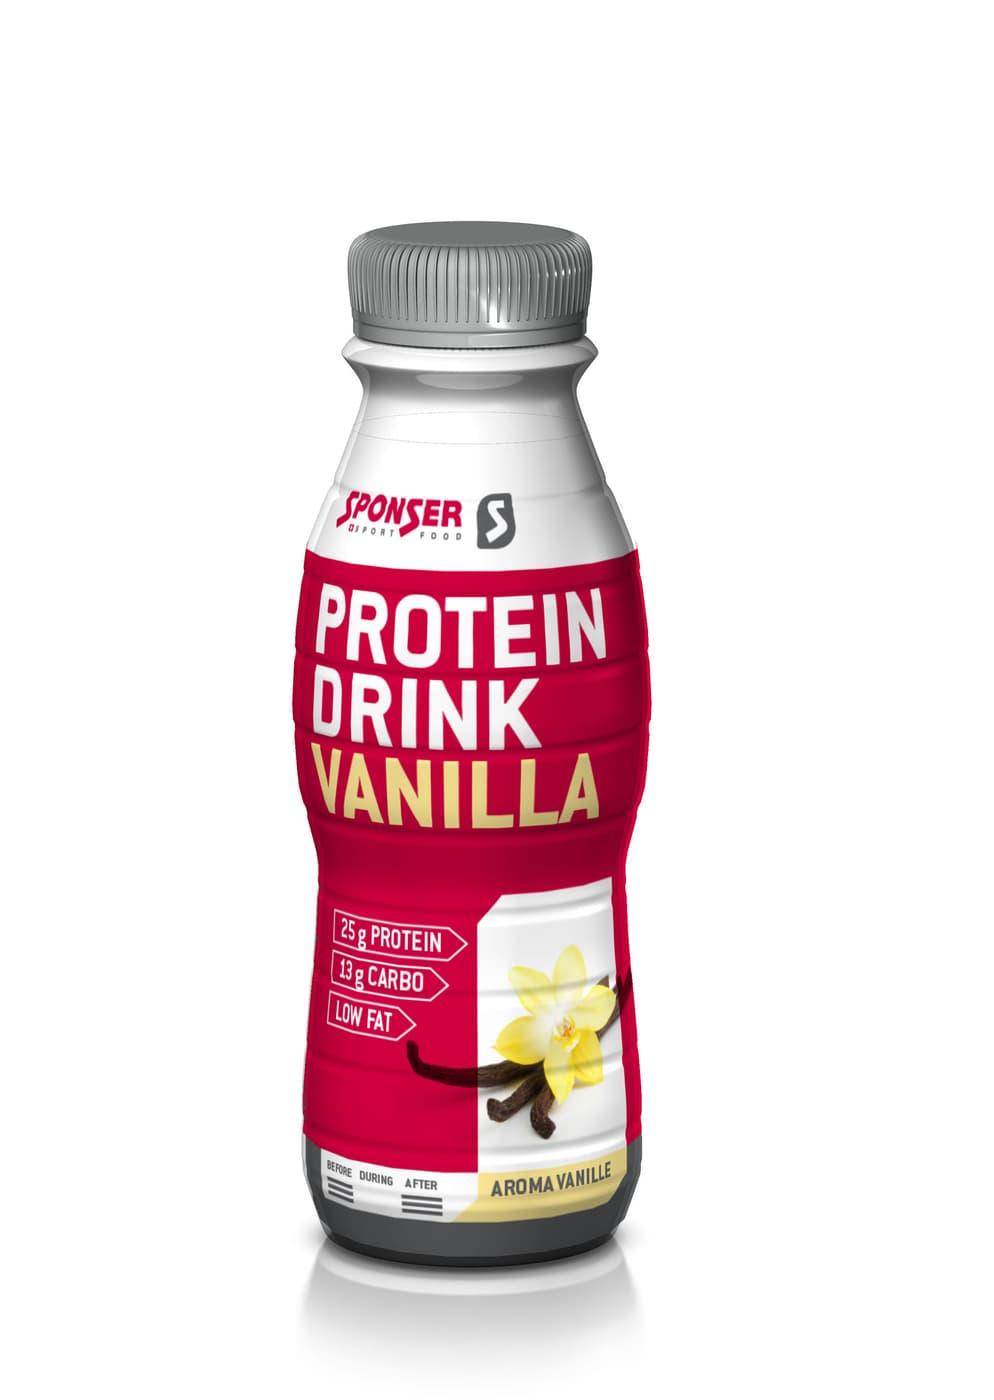 Sponser protein drink boisson riche en proteines migros - Produit riche en proteine ...